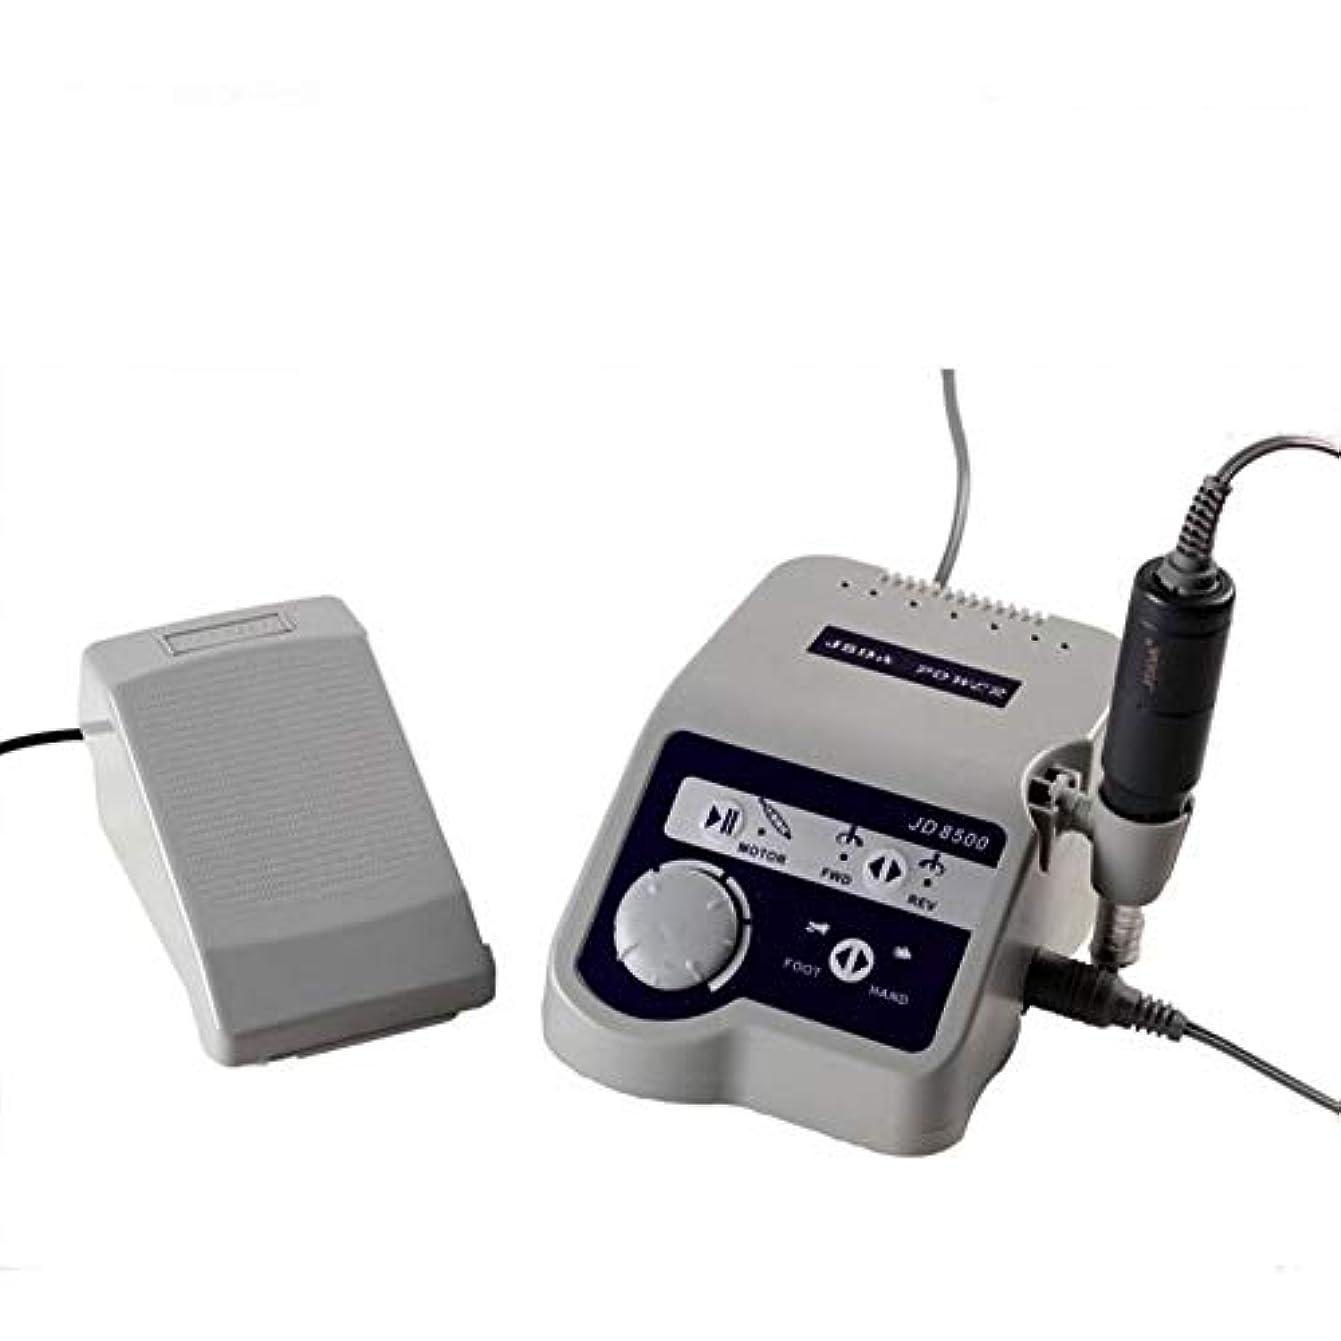 うぬぼれた機械的製品研磨ツールプロフェッショナル65W 35000 RPM電動ネイルドリルマニキュアツールペディキュアポリッシャーマシンネイルアート機器